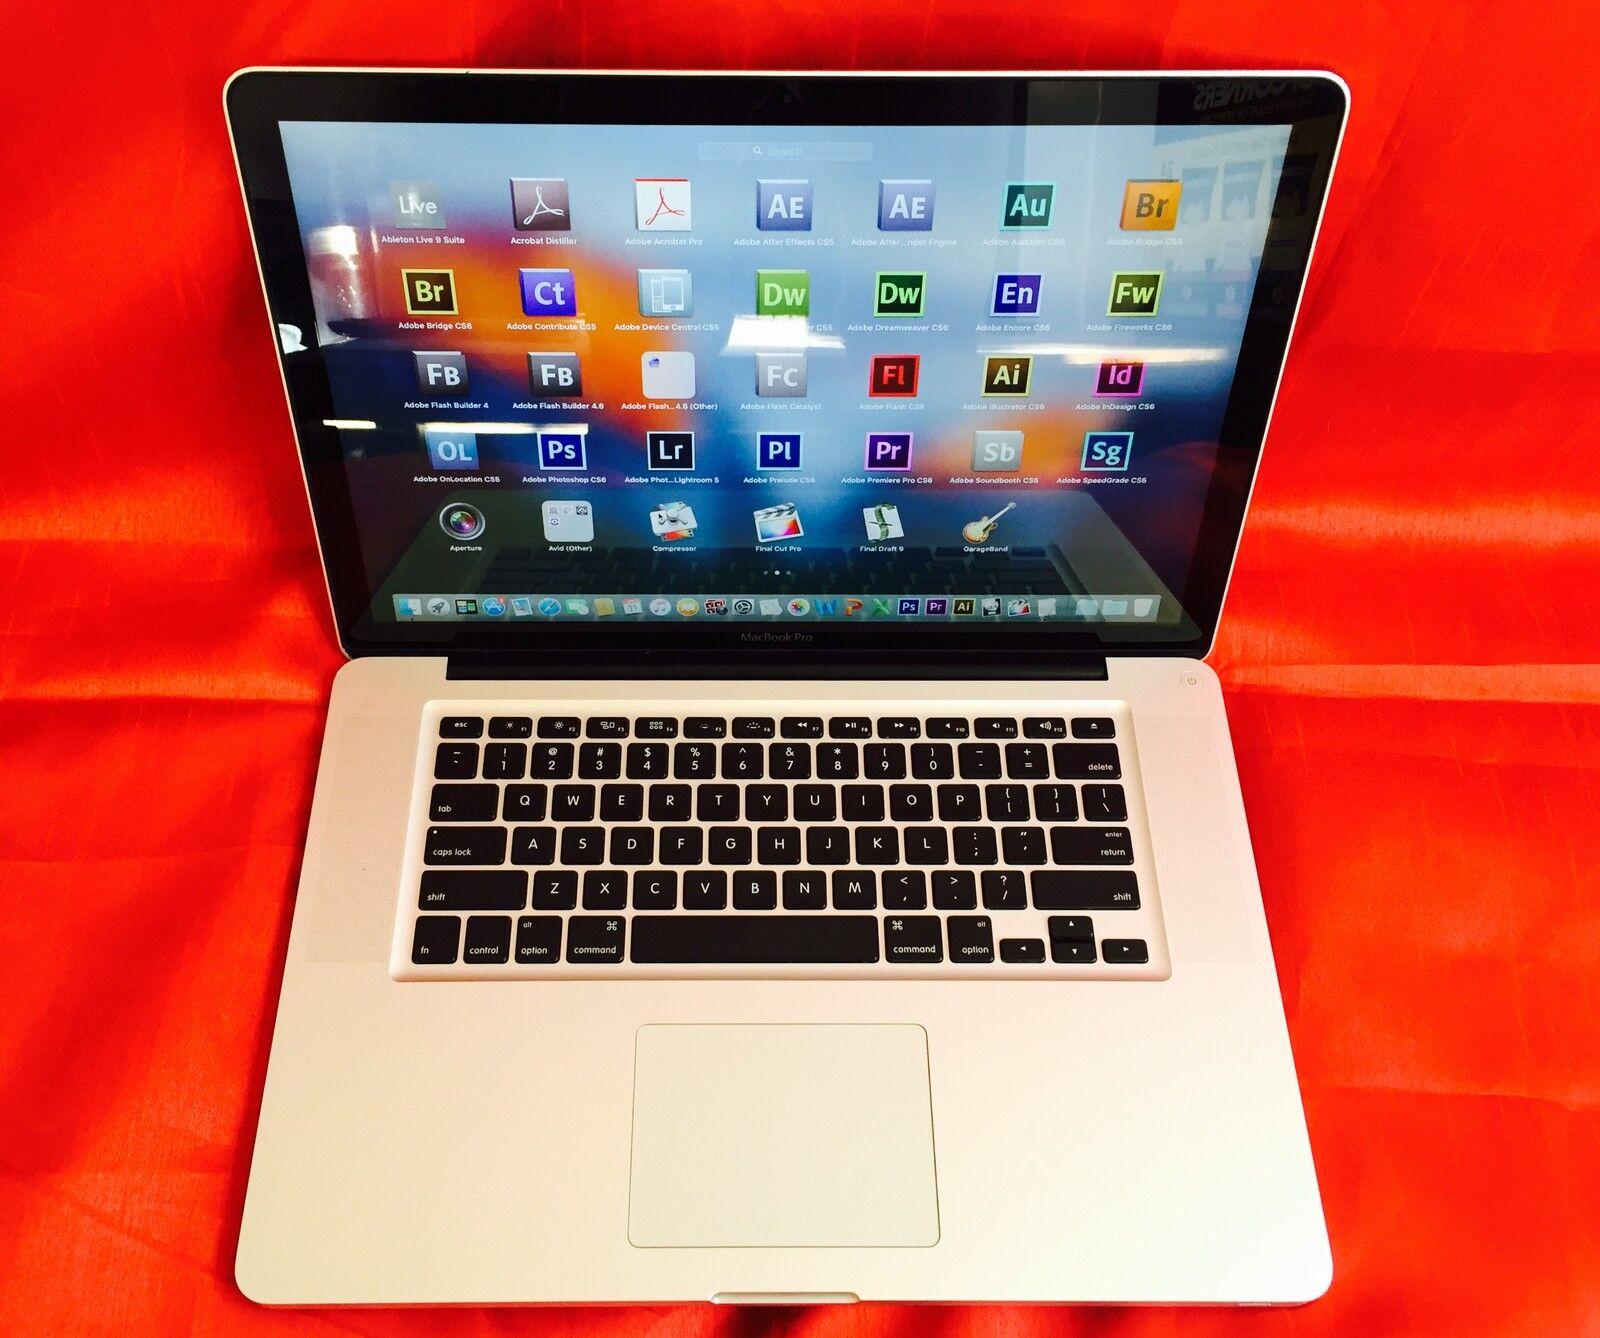 """Macbook Pro - Apple MacBook Pro 15"""" + Quad i7 TURBO 2.9GHz + 16GB Ram + 2TB SSHD +Fully Loaded"""